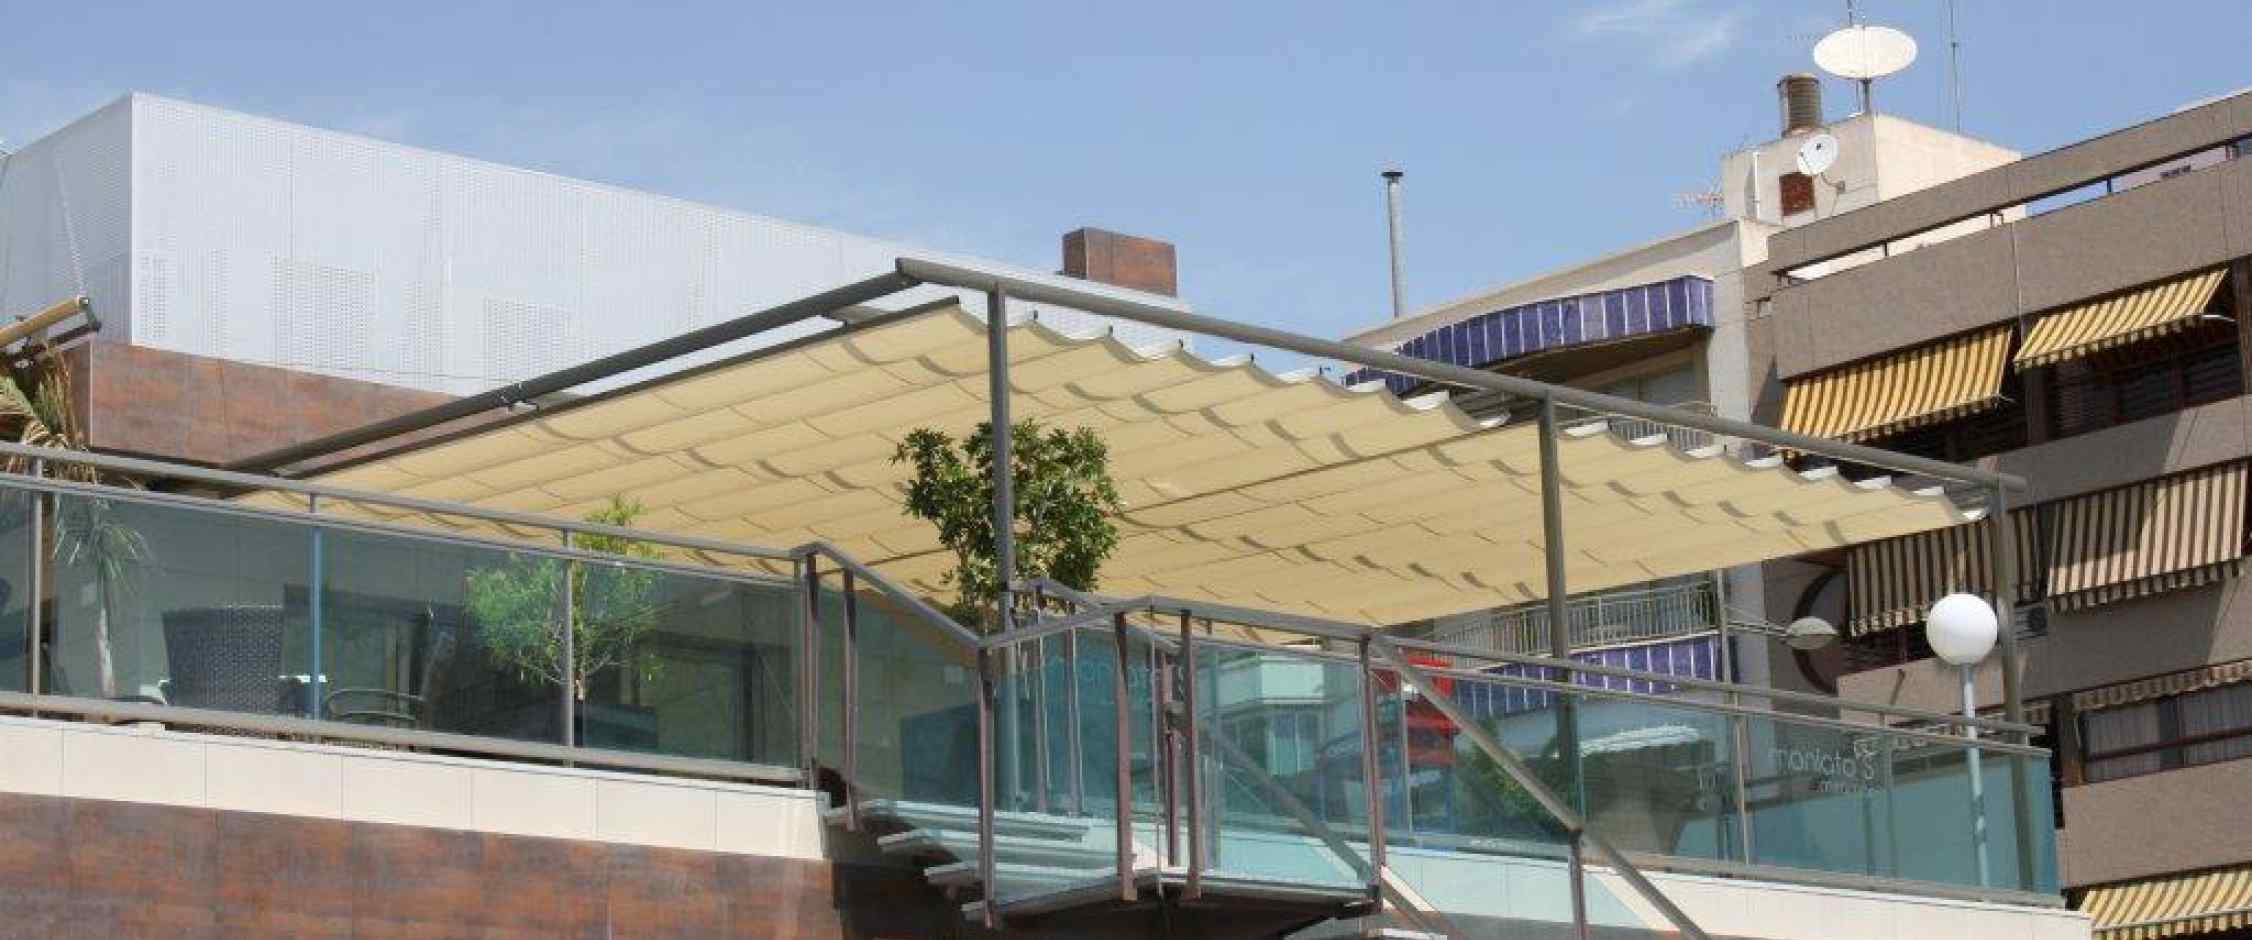 Toldo plano zen torretoldo for Toldos corredizos para terrazas